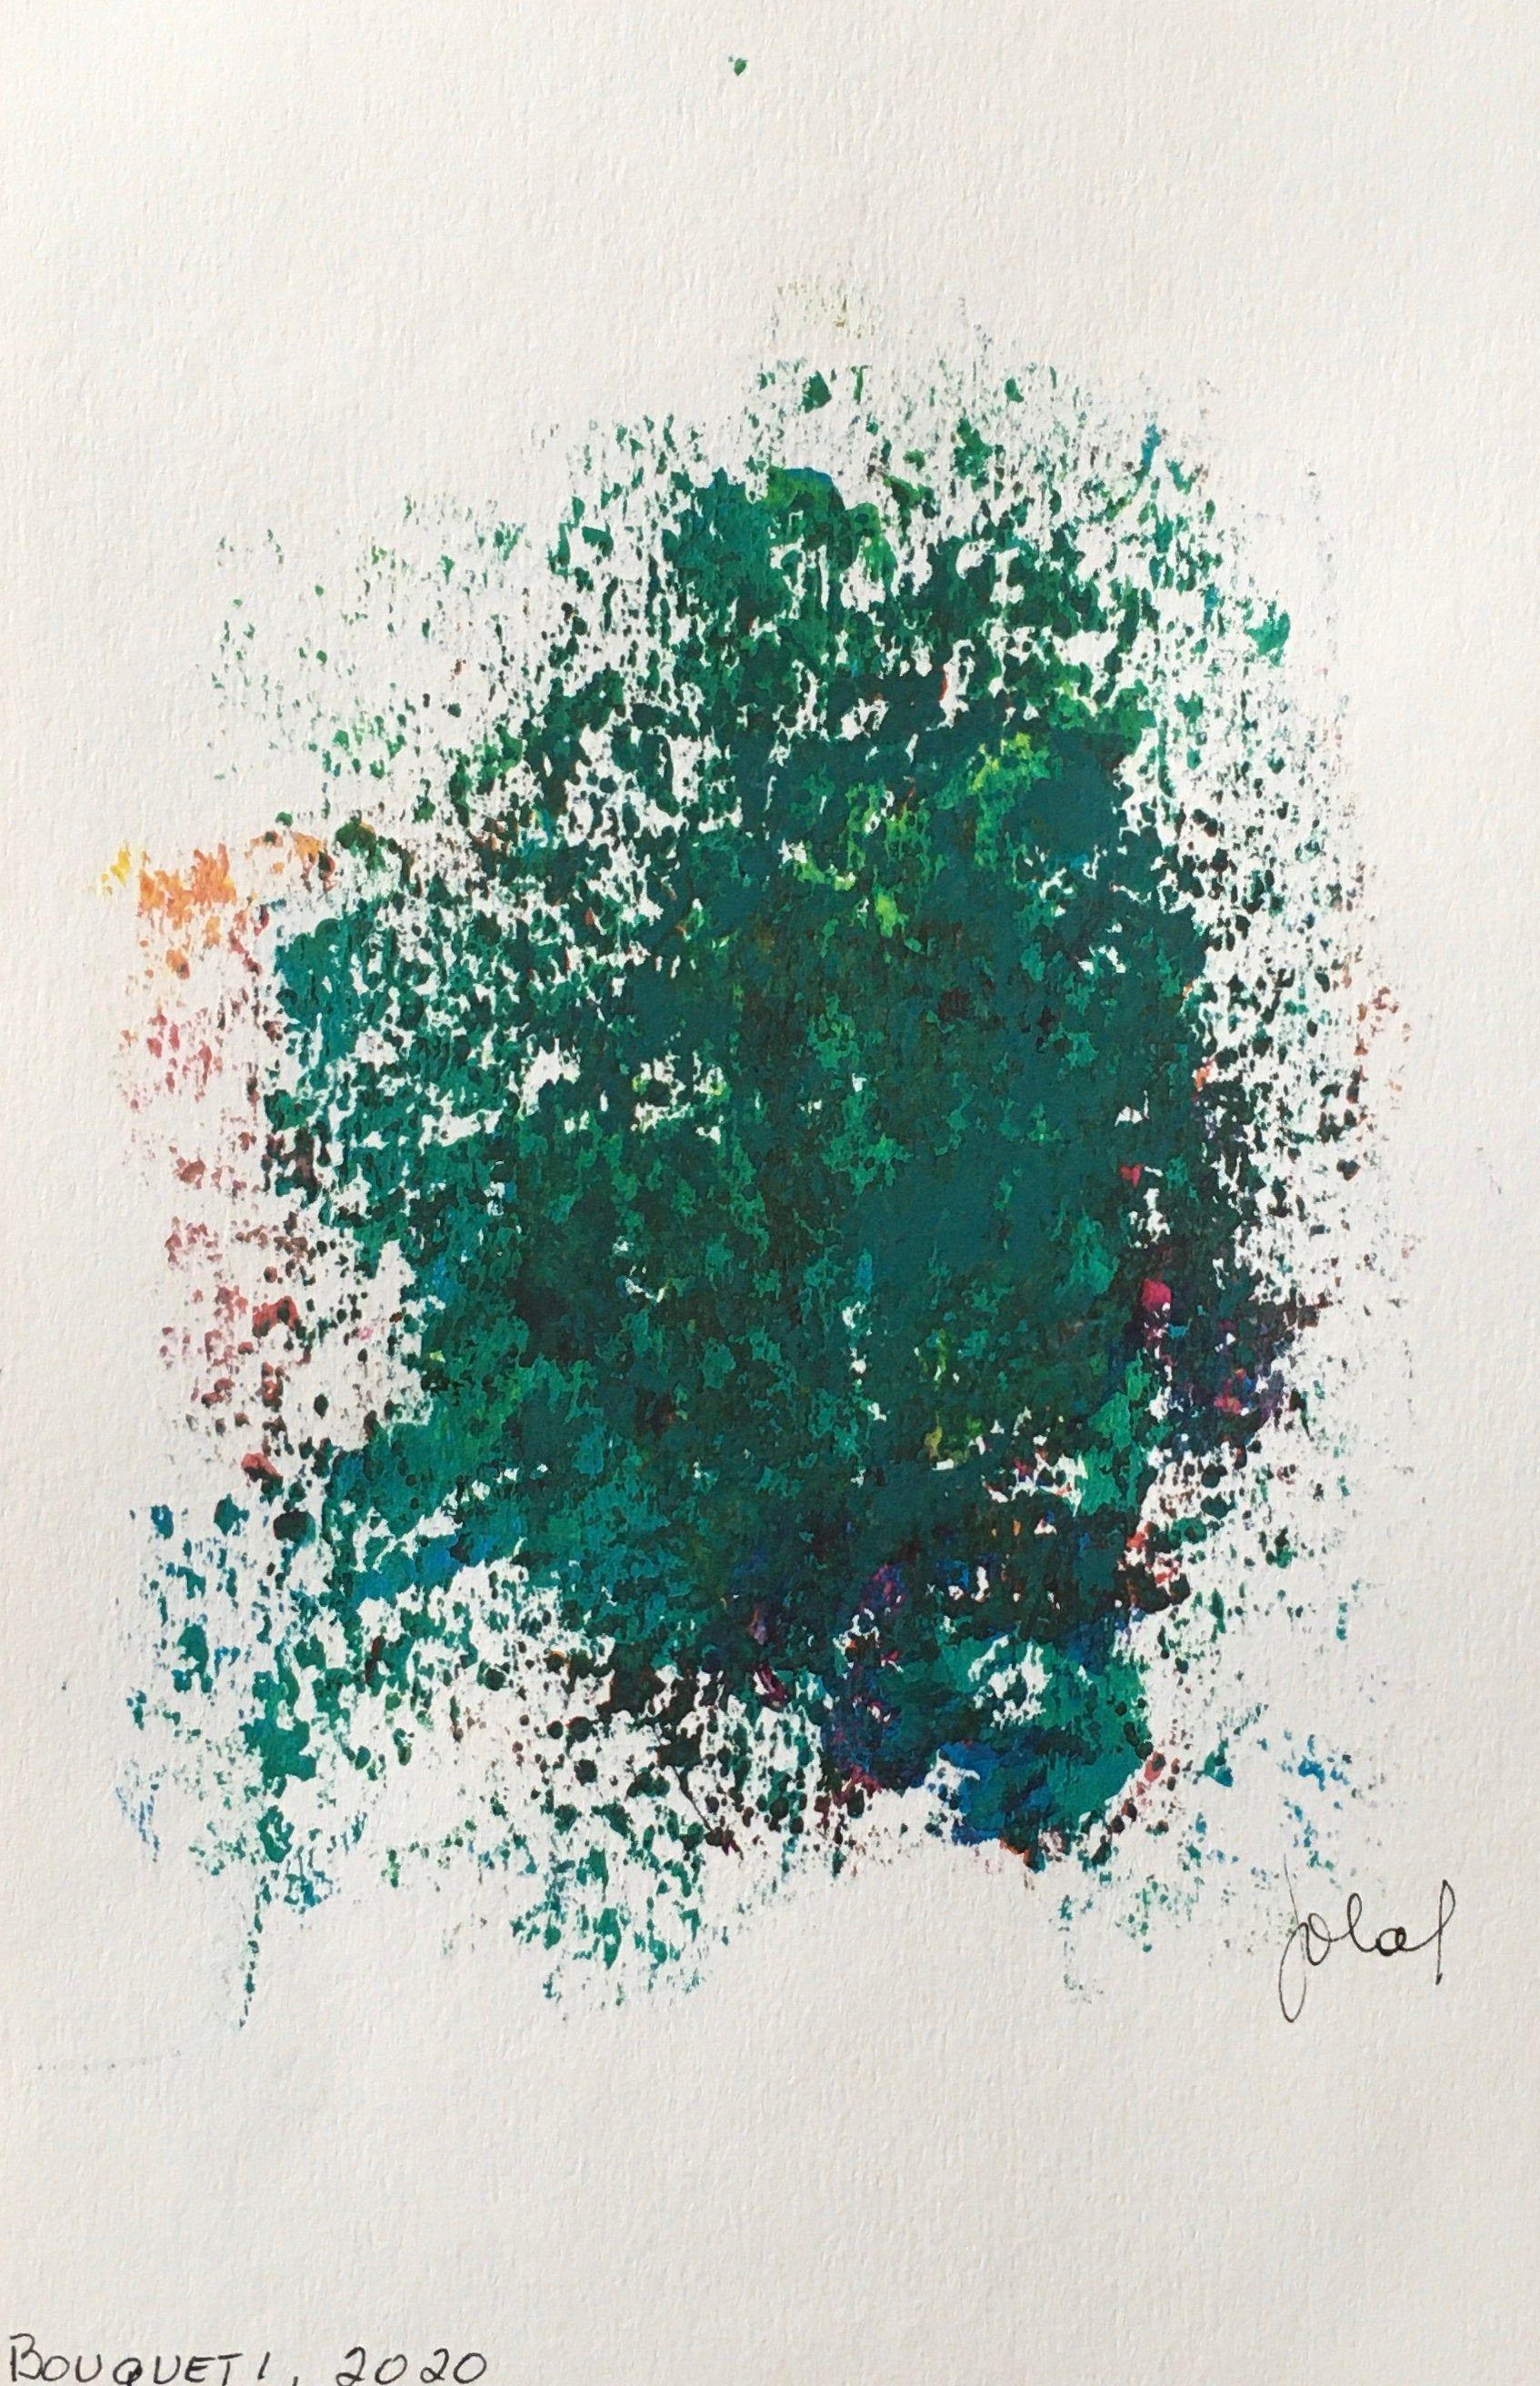 Acrylique Sur Papier Oeuvre Originale Bouquet Fleur Peinture